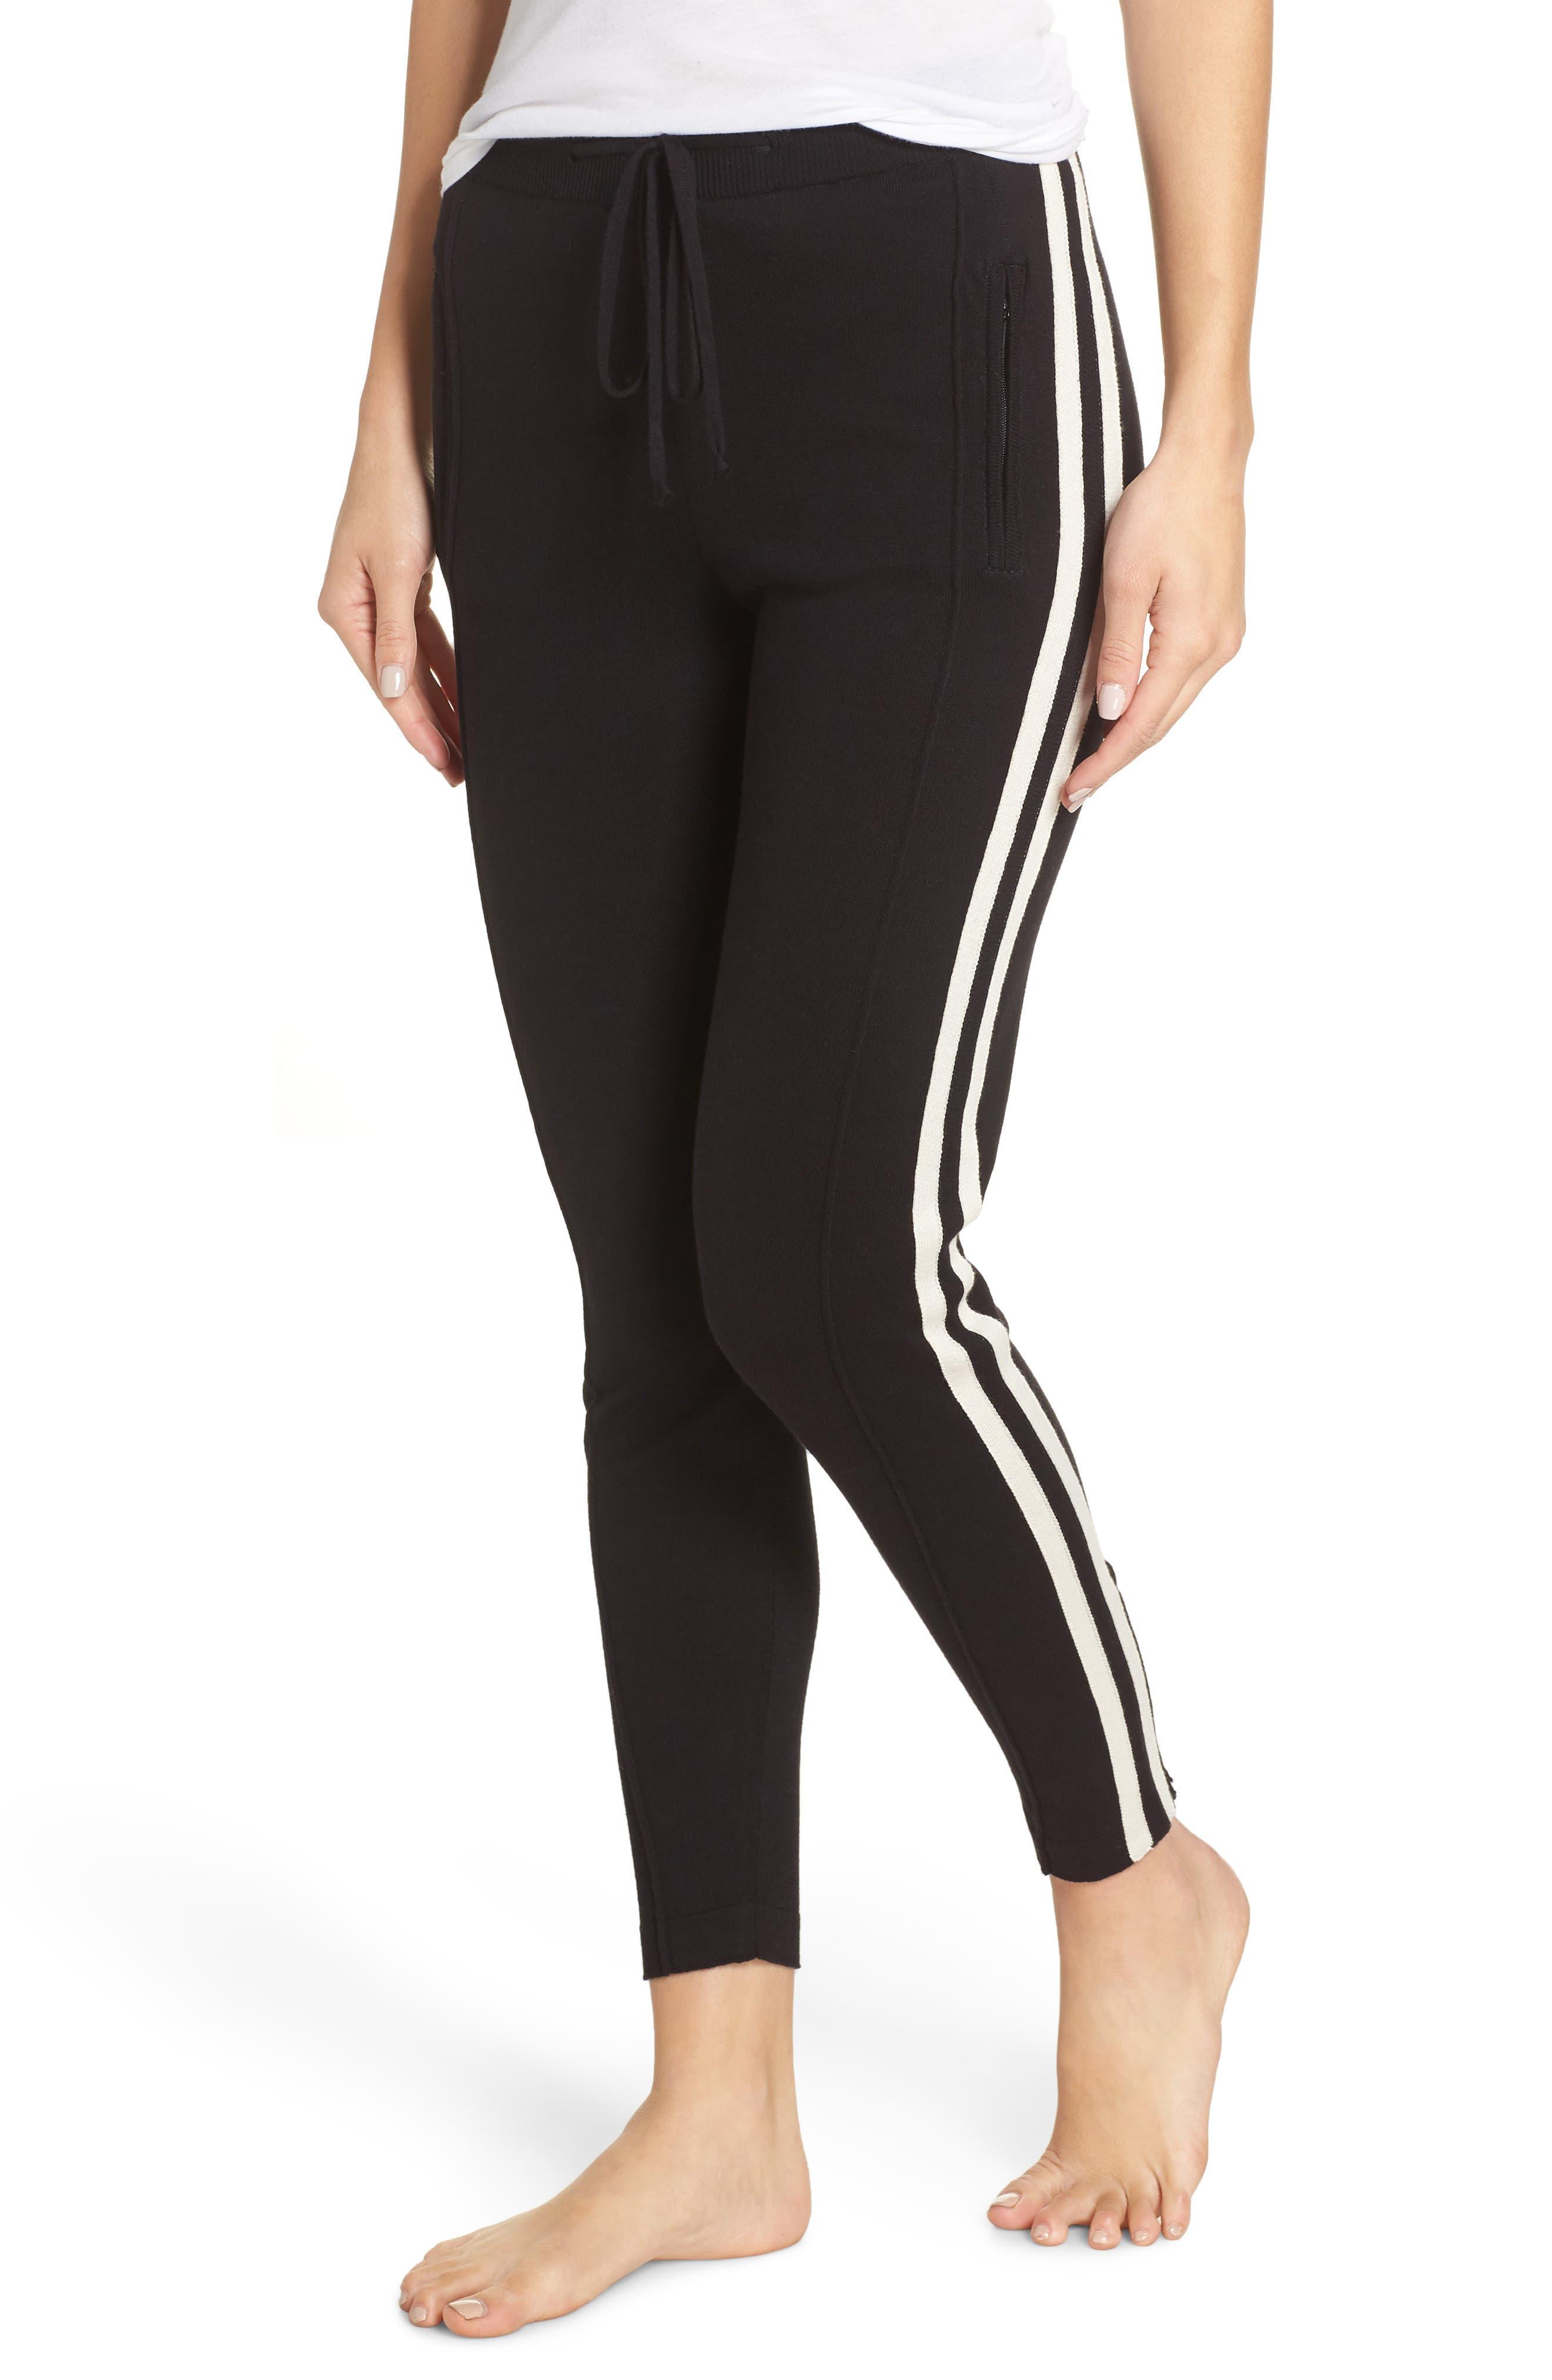 RAGDOLL Striped Lounge Pants in Black/ White